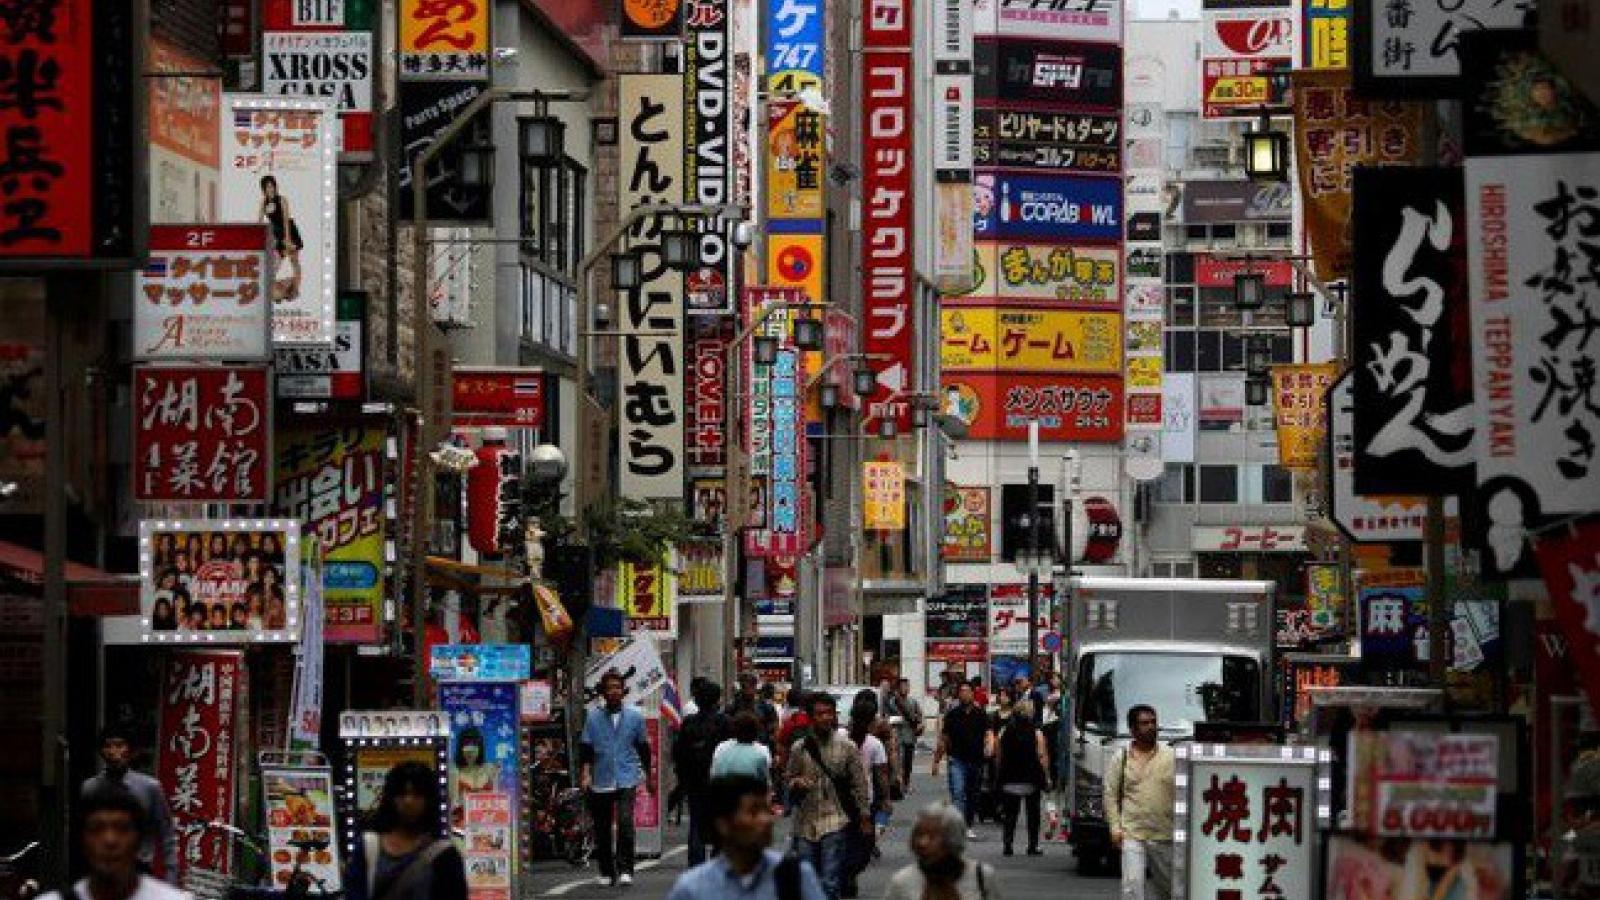 Nhật Bản rơi vào suy thoái trầm trọng nhất kể từ sau chiến tranh